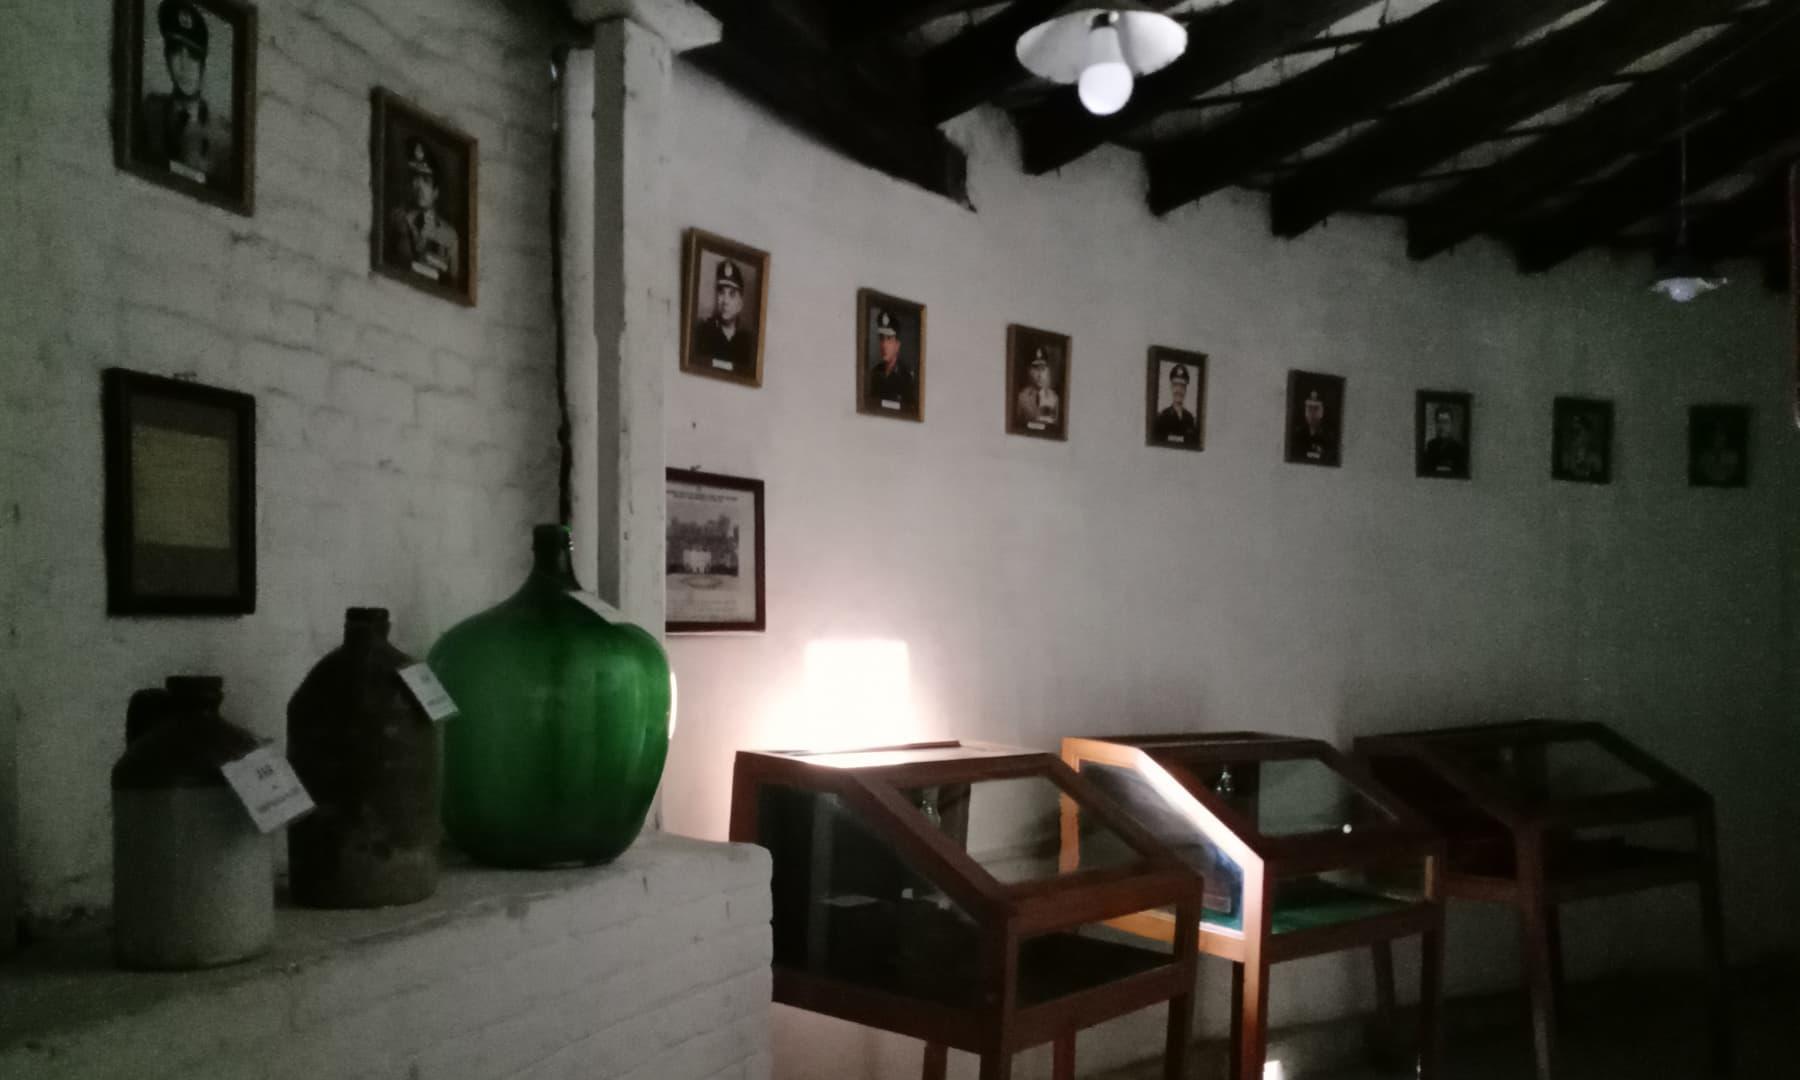 میوزیم میں پرانے وقتوں کے برتن اور تصاویر—عظمت اکبر